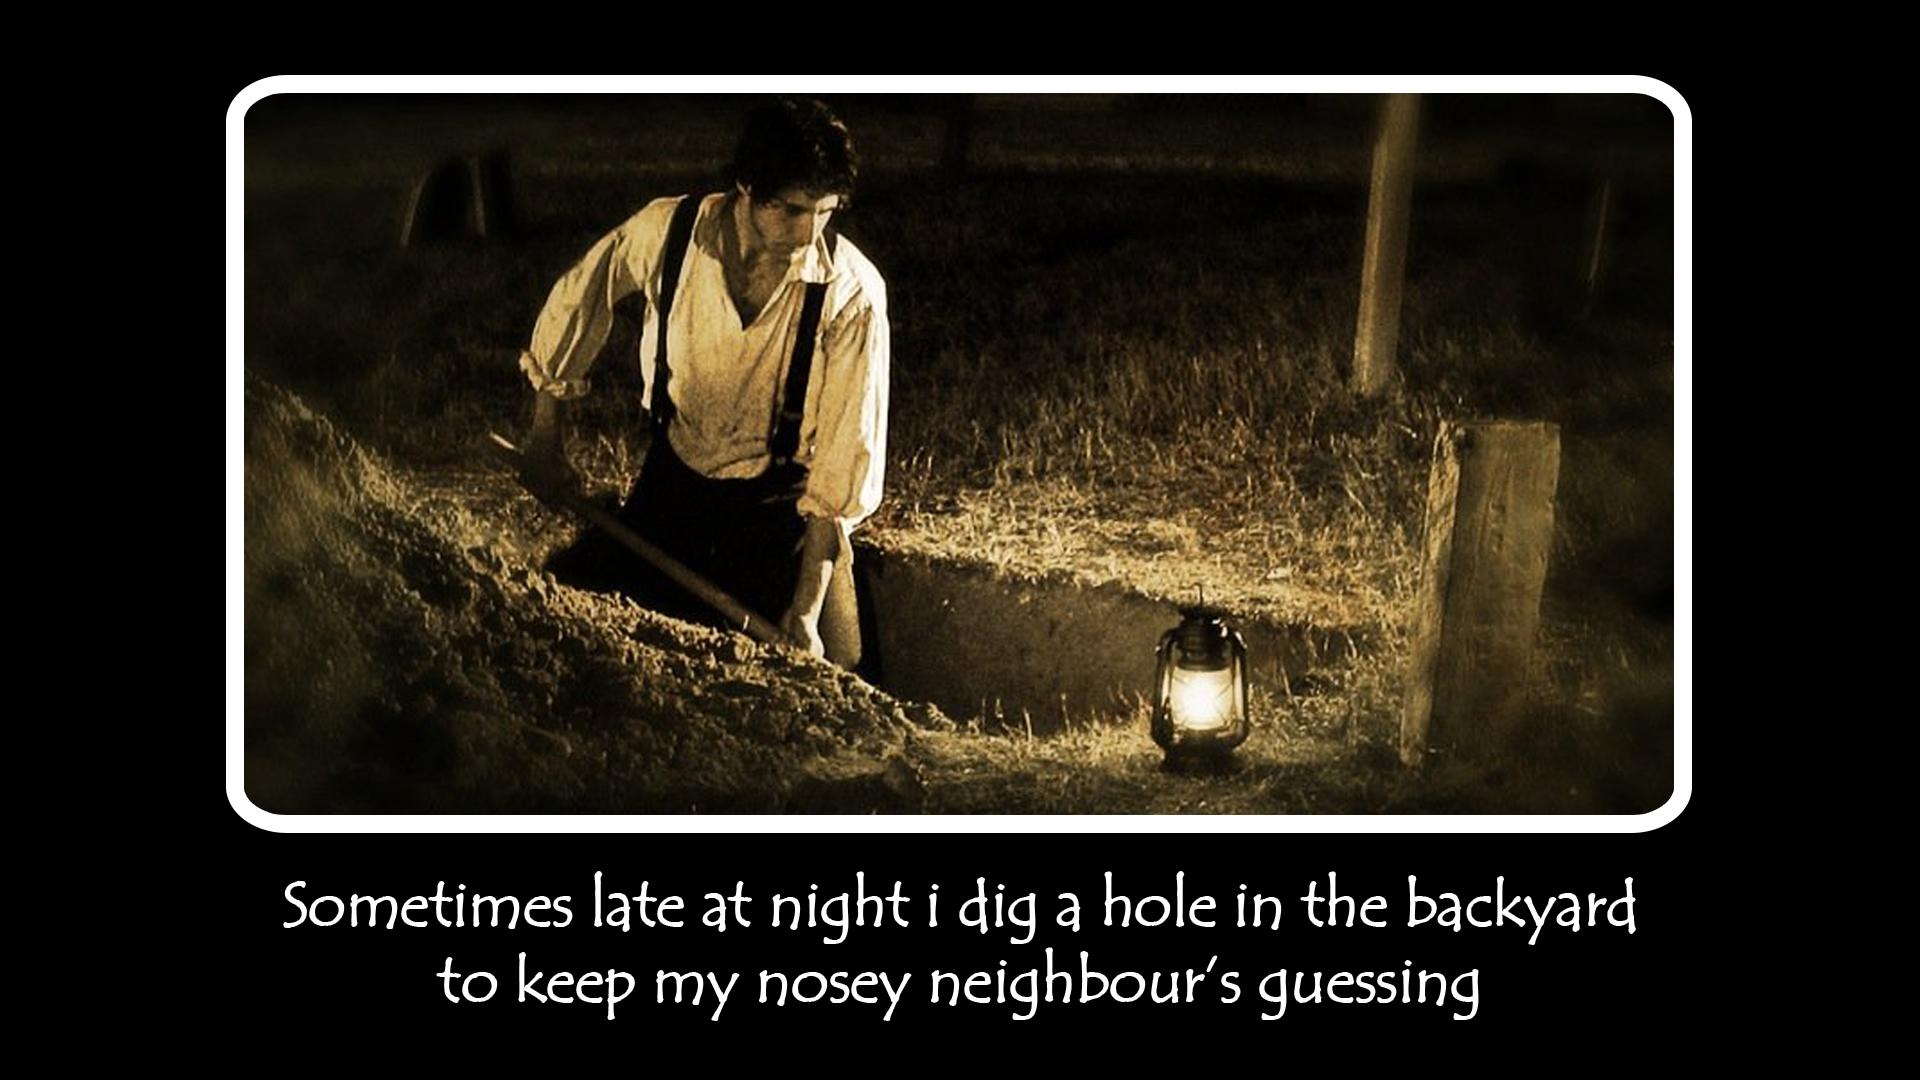 Digging A Hole At Night